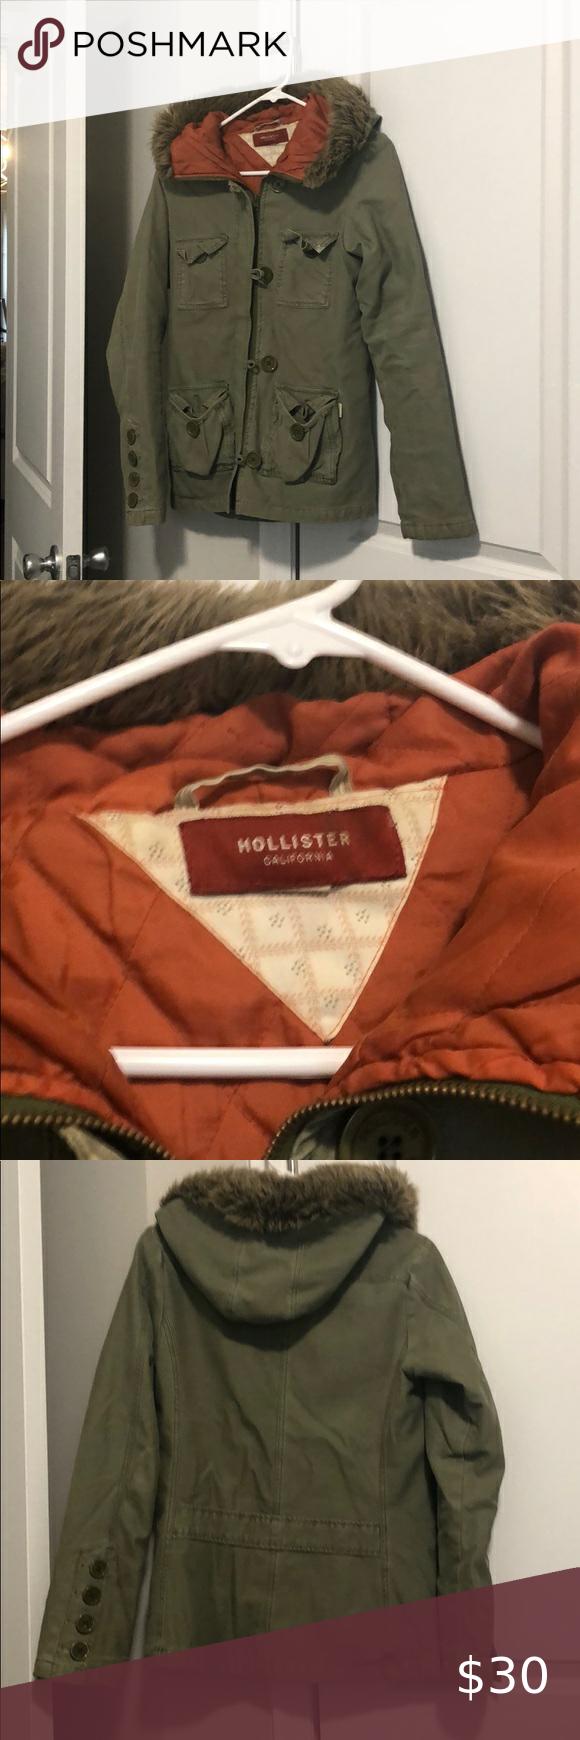 Hunter Green Hollister Jacket Hollister Jackets Jackets Hollister [ 1740 x 580 Pixel ]